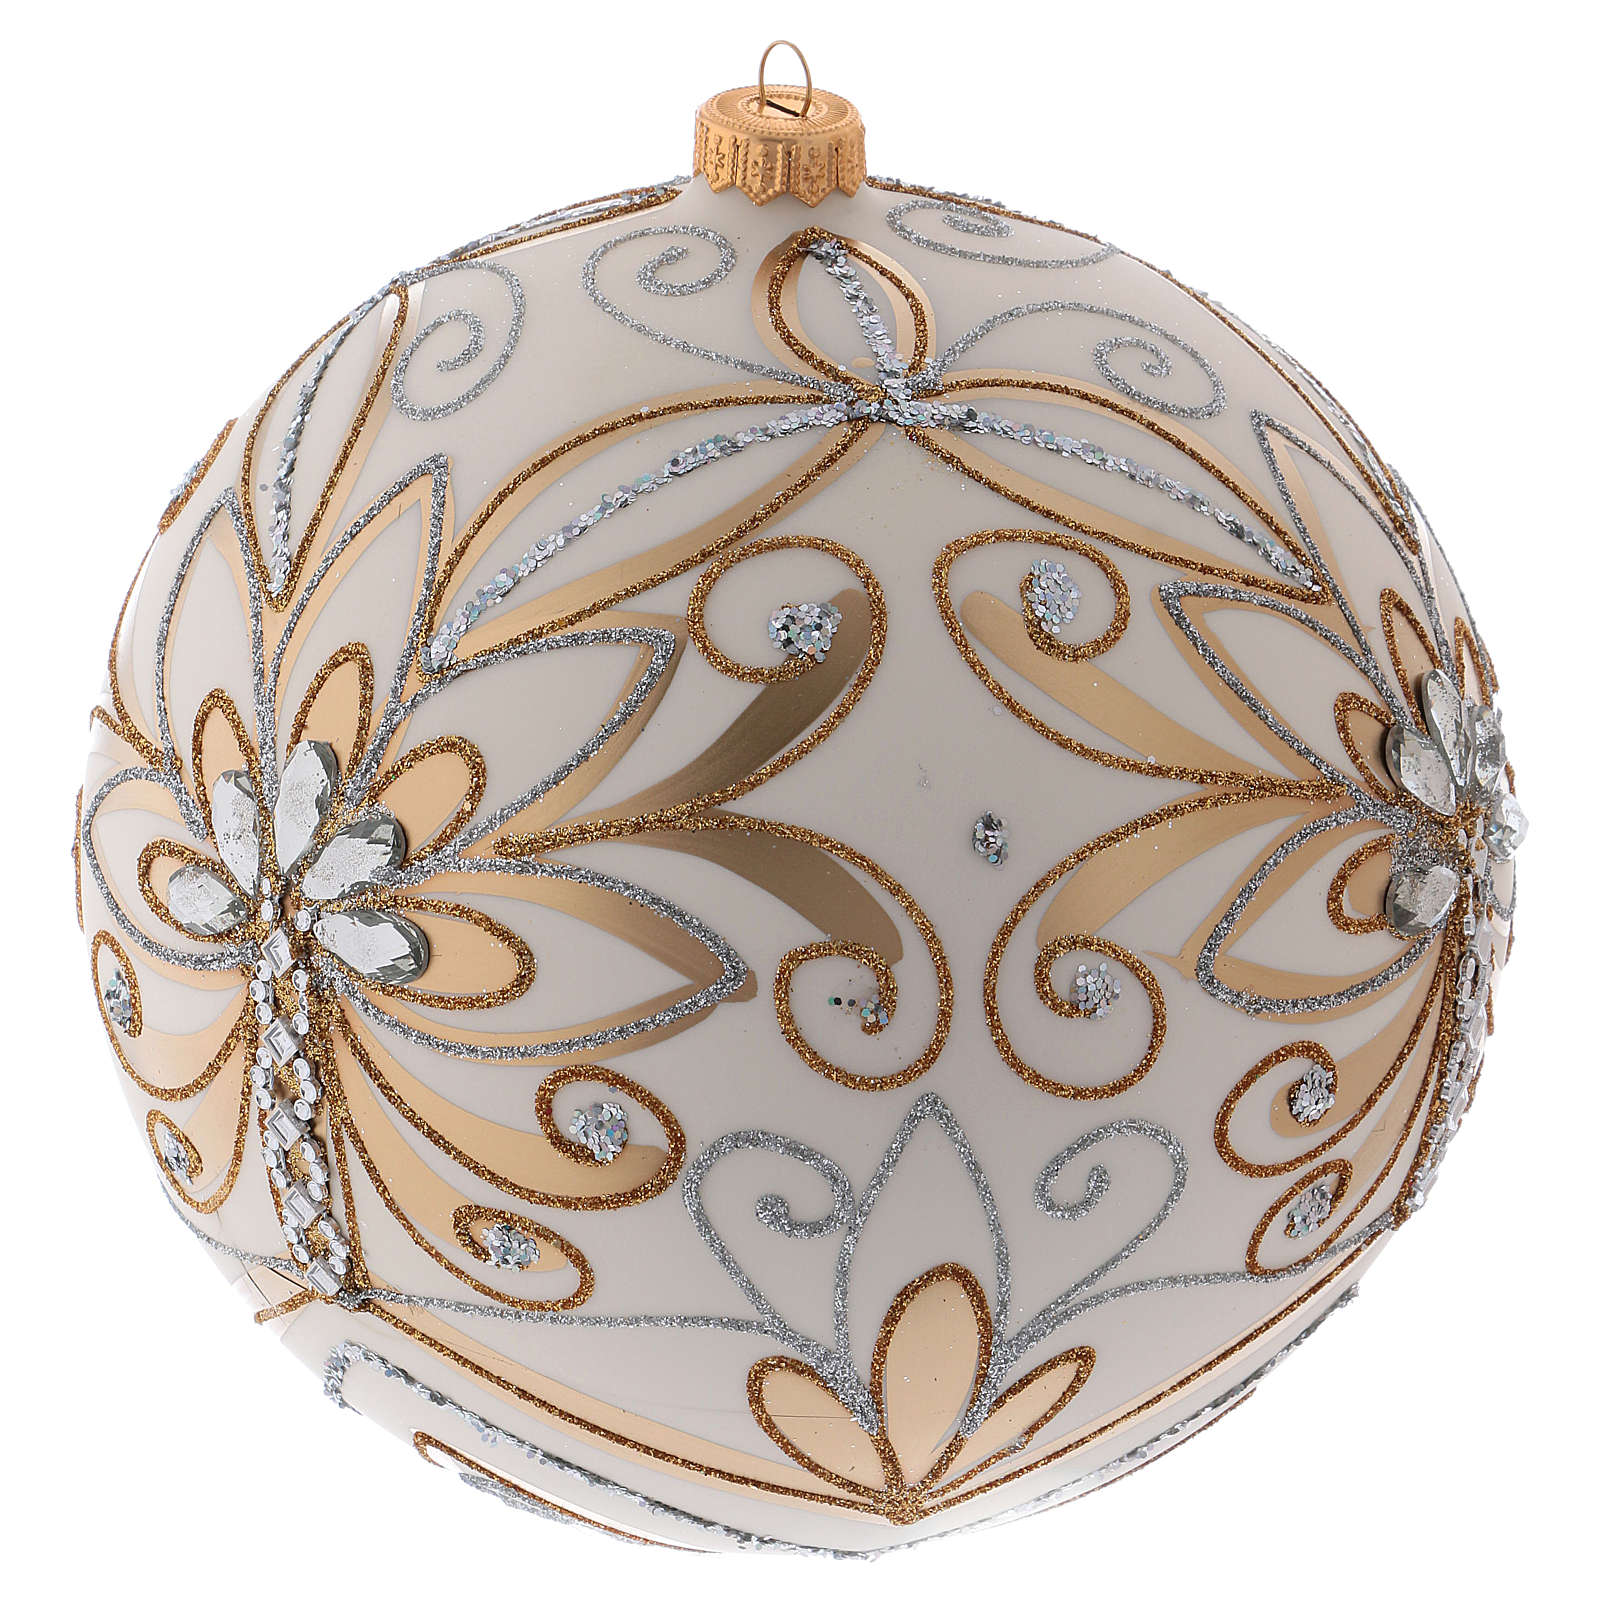 Boule de Noël 200 mm couleur crème décorations or argent verre soufflé 4